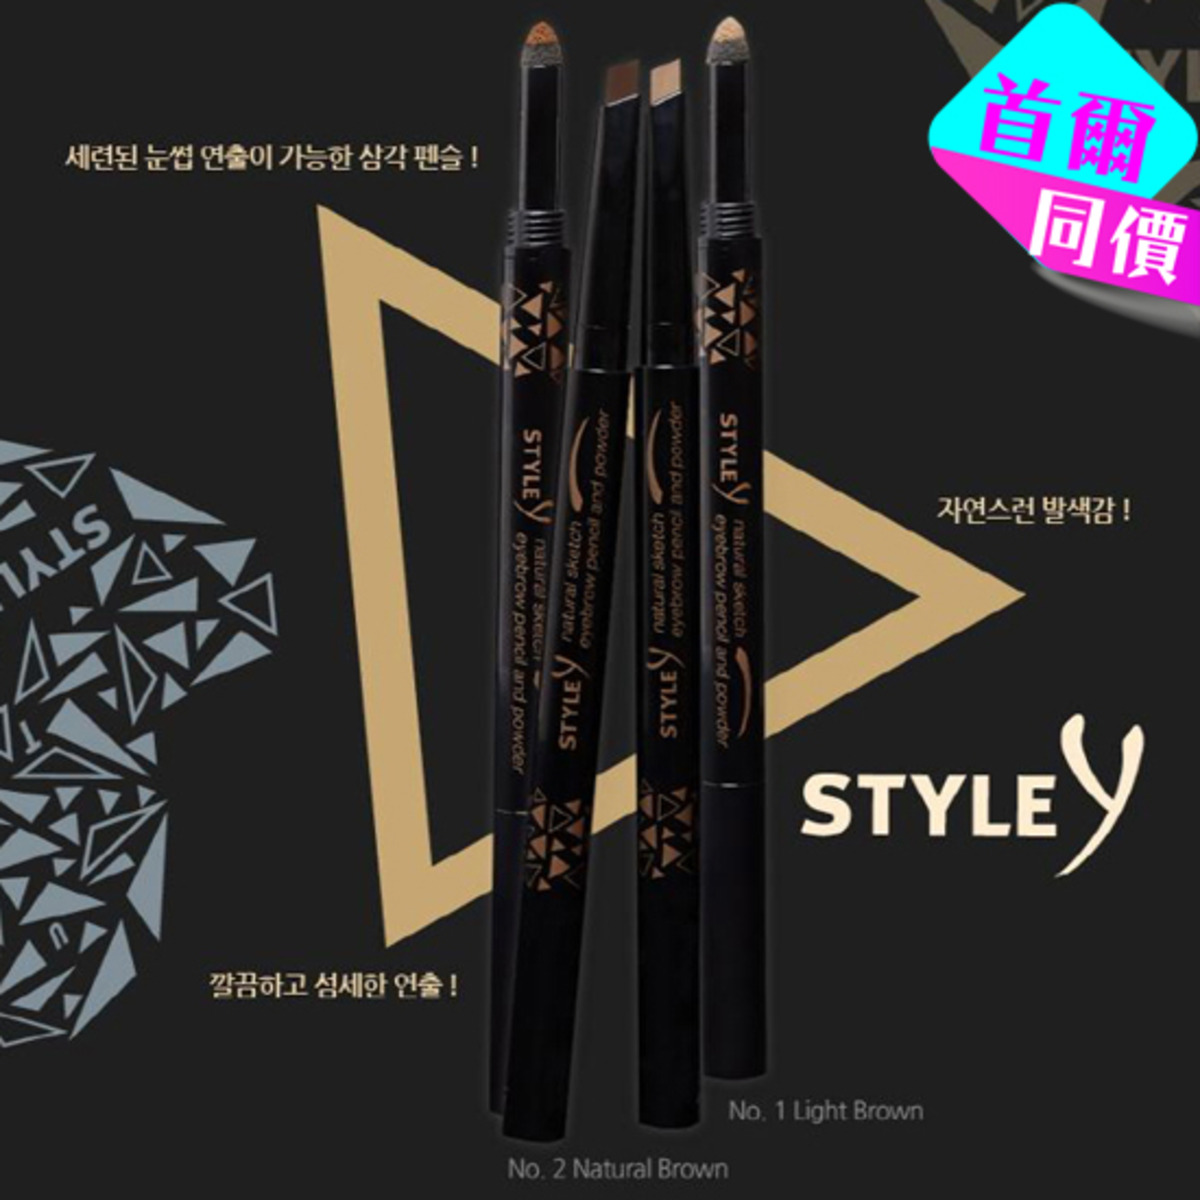 Style Y 自然素描眉筆粉